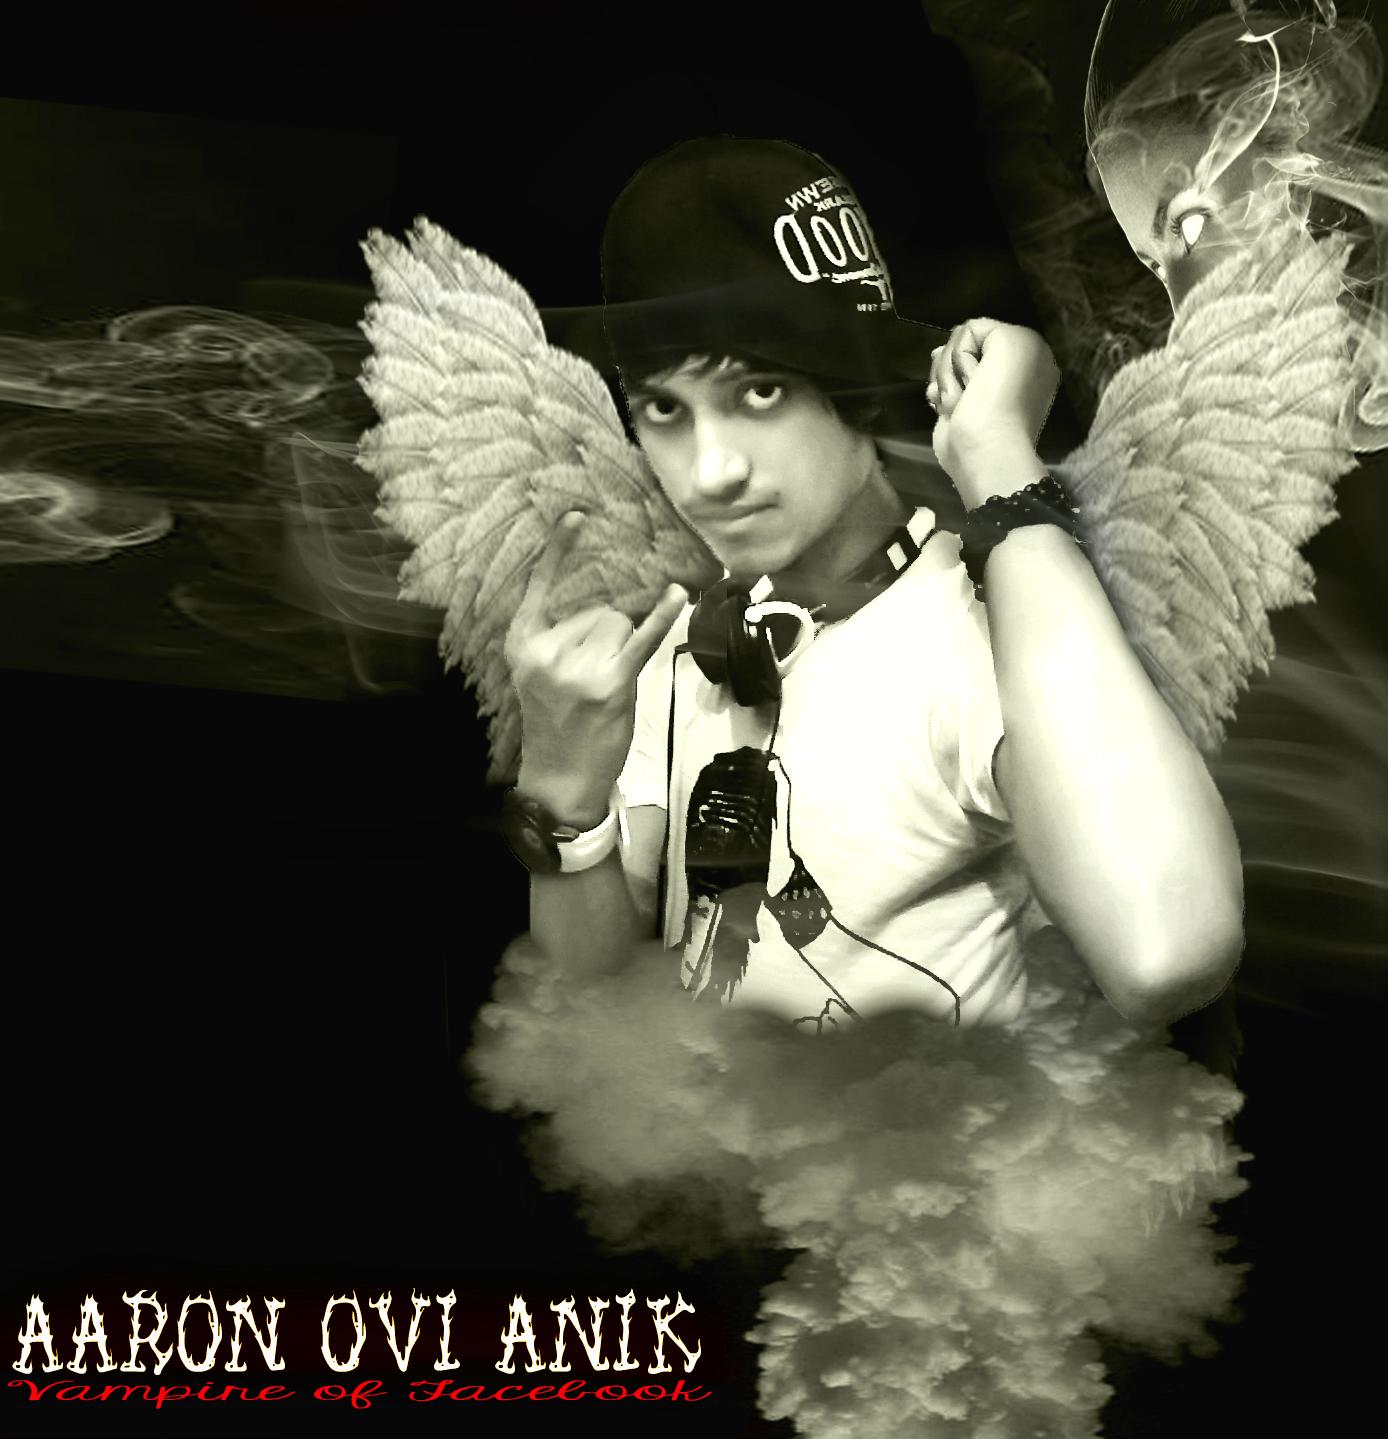 Aaron Ovi Anik